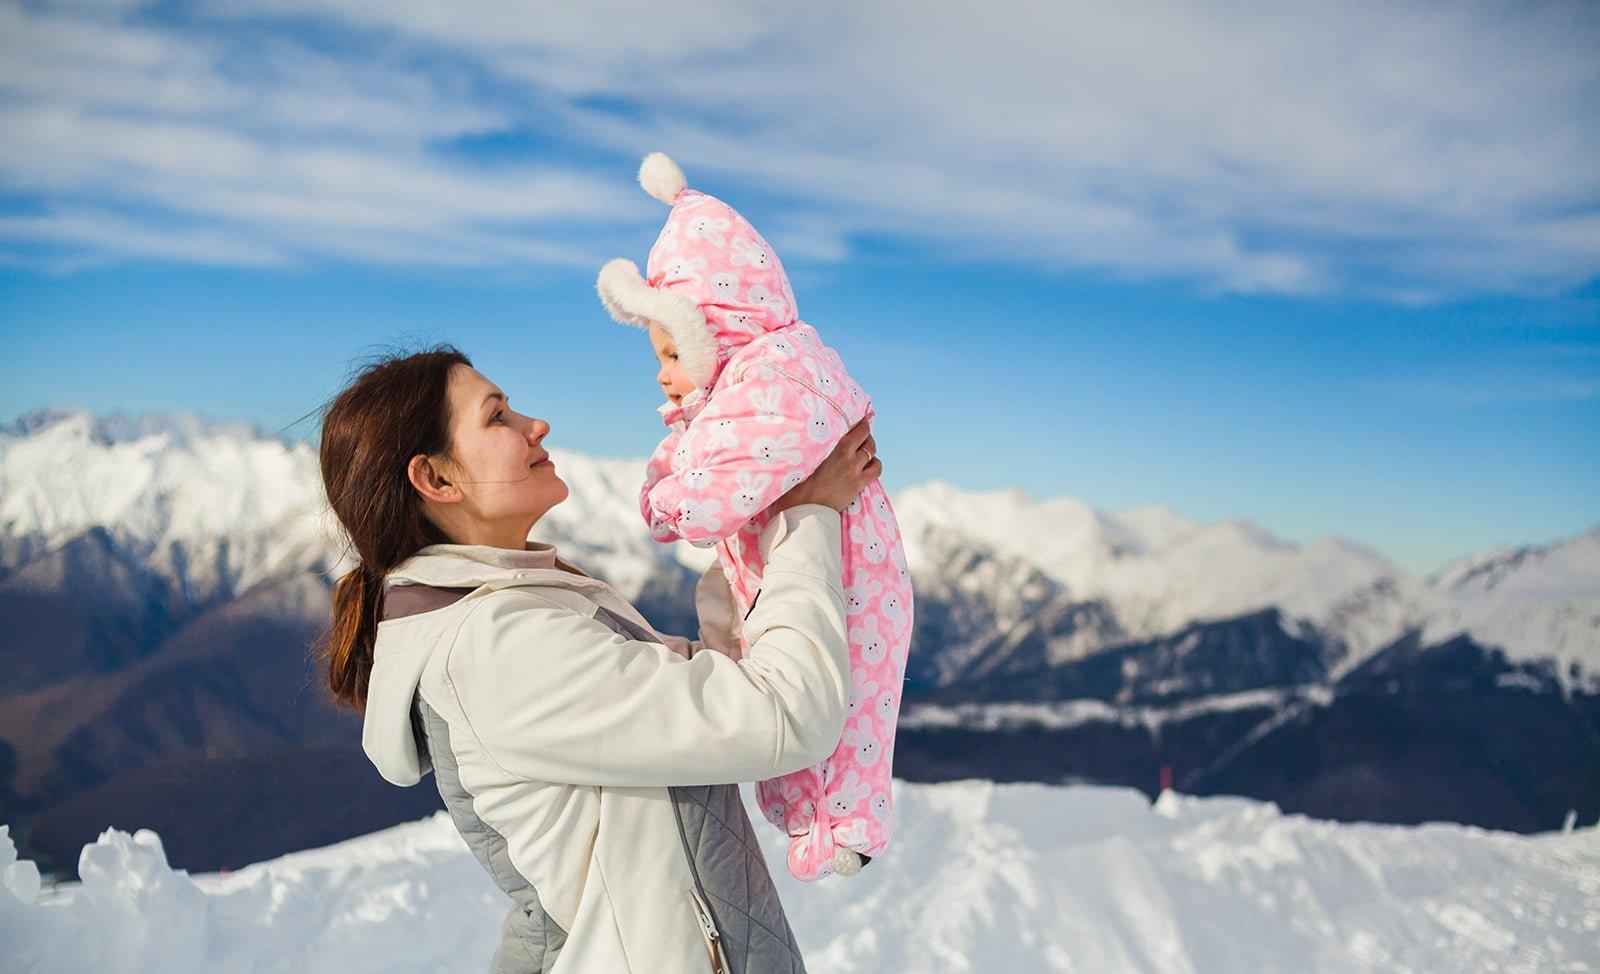 Norwegian girl with her mother